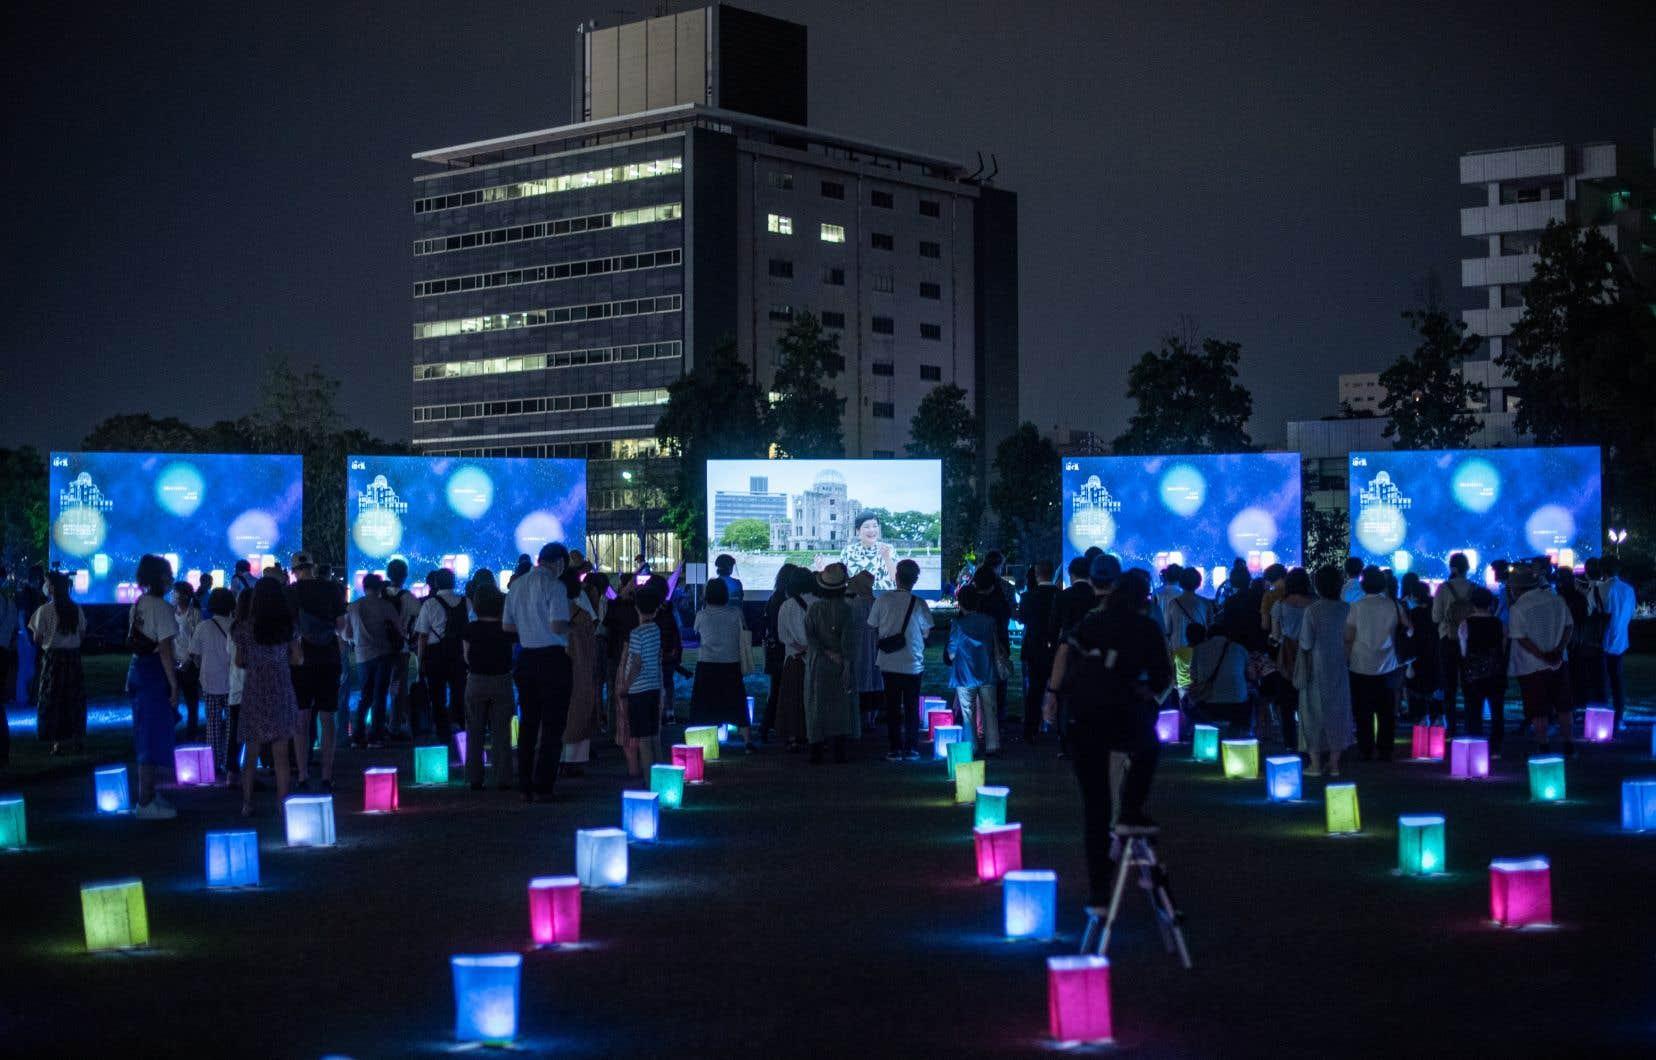 Le Japon a commémoré jeudi la première attaque nucléaire de l'histoire, survenue le 6 août 1945 à Hiroshima, dans le contexte particulier de la pandémie de coronavirus qui a contraint à limiter cette année les hommages aux victimes.